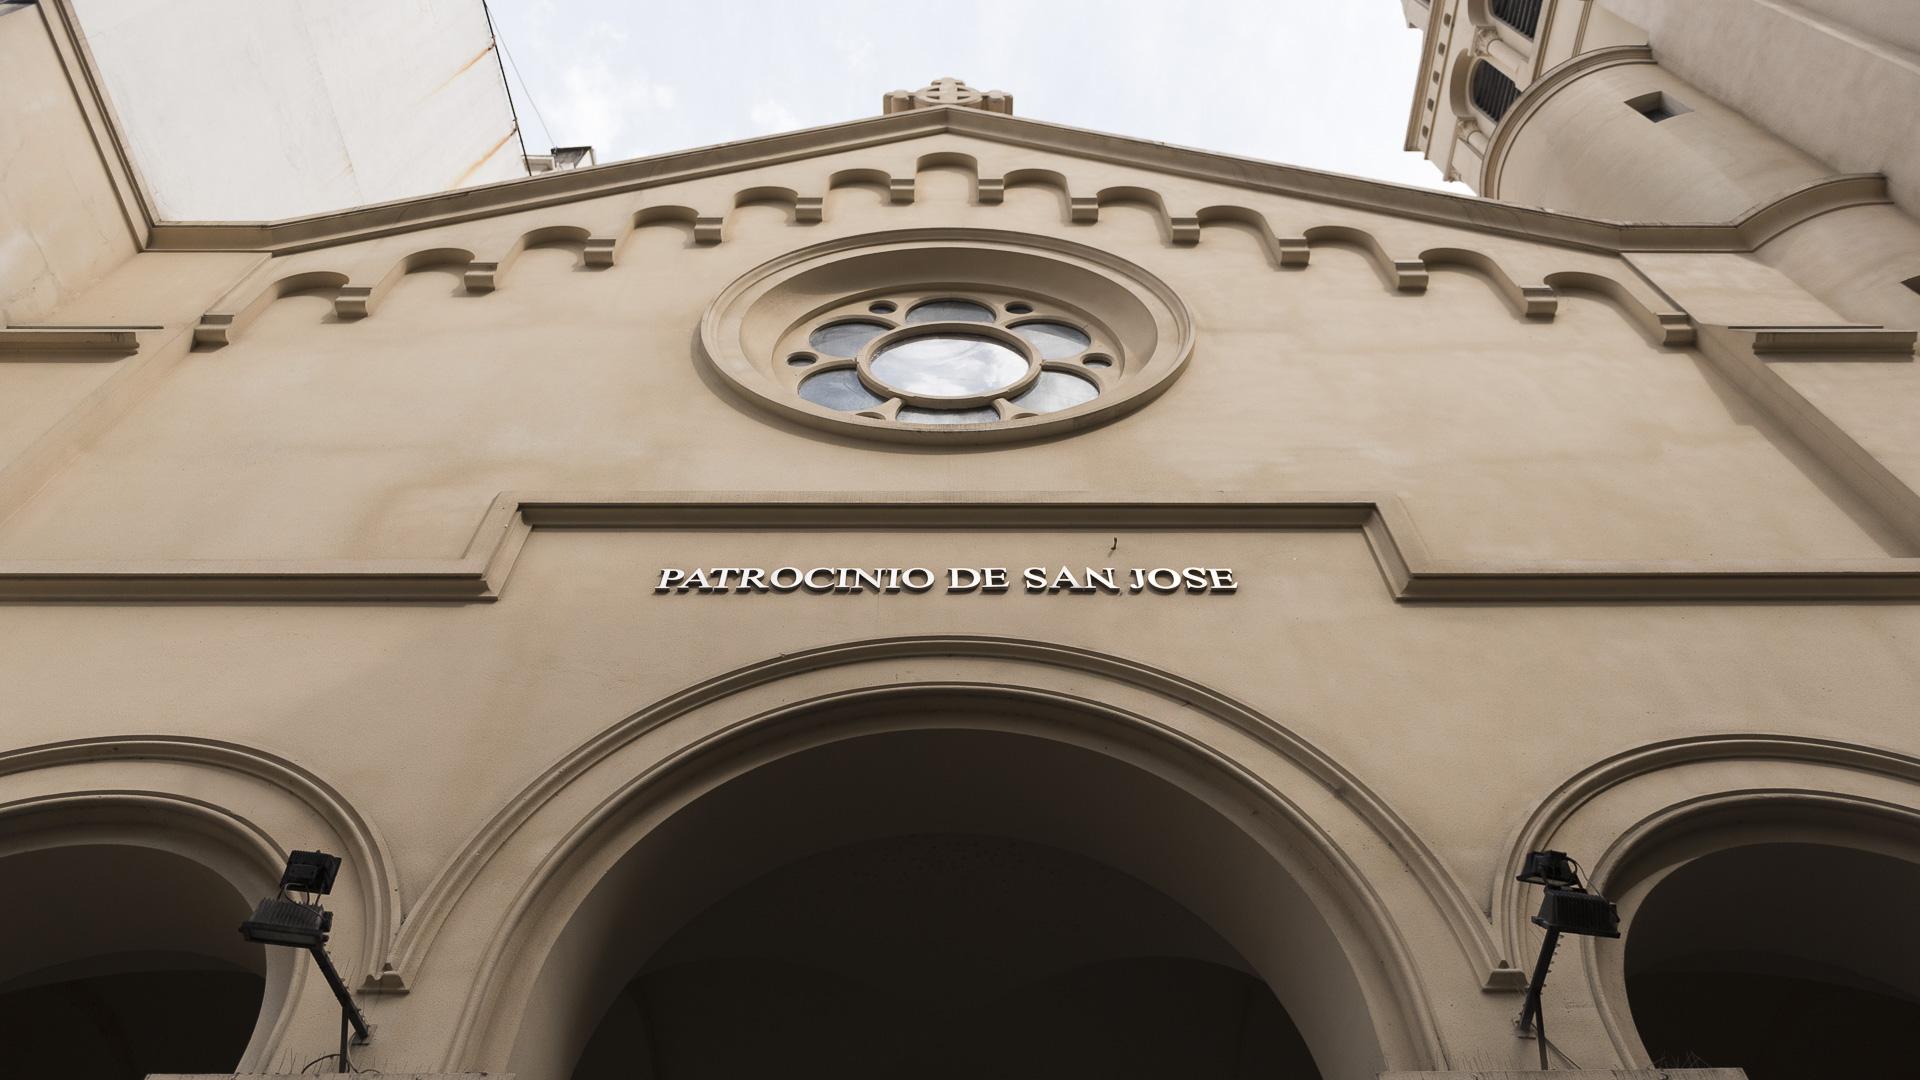 El presbítero Rafael Braun, tío del Jefe de Gabinete Marcos Peña, murió este domingo por la noche a los 82 años en su casa familiar de Buenos Aires